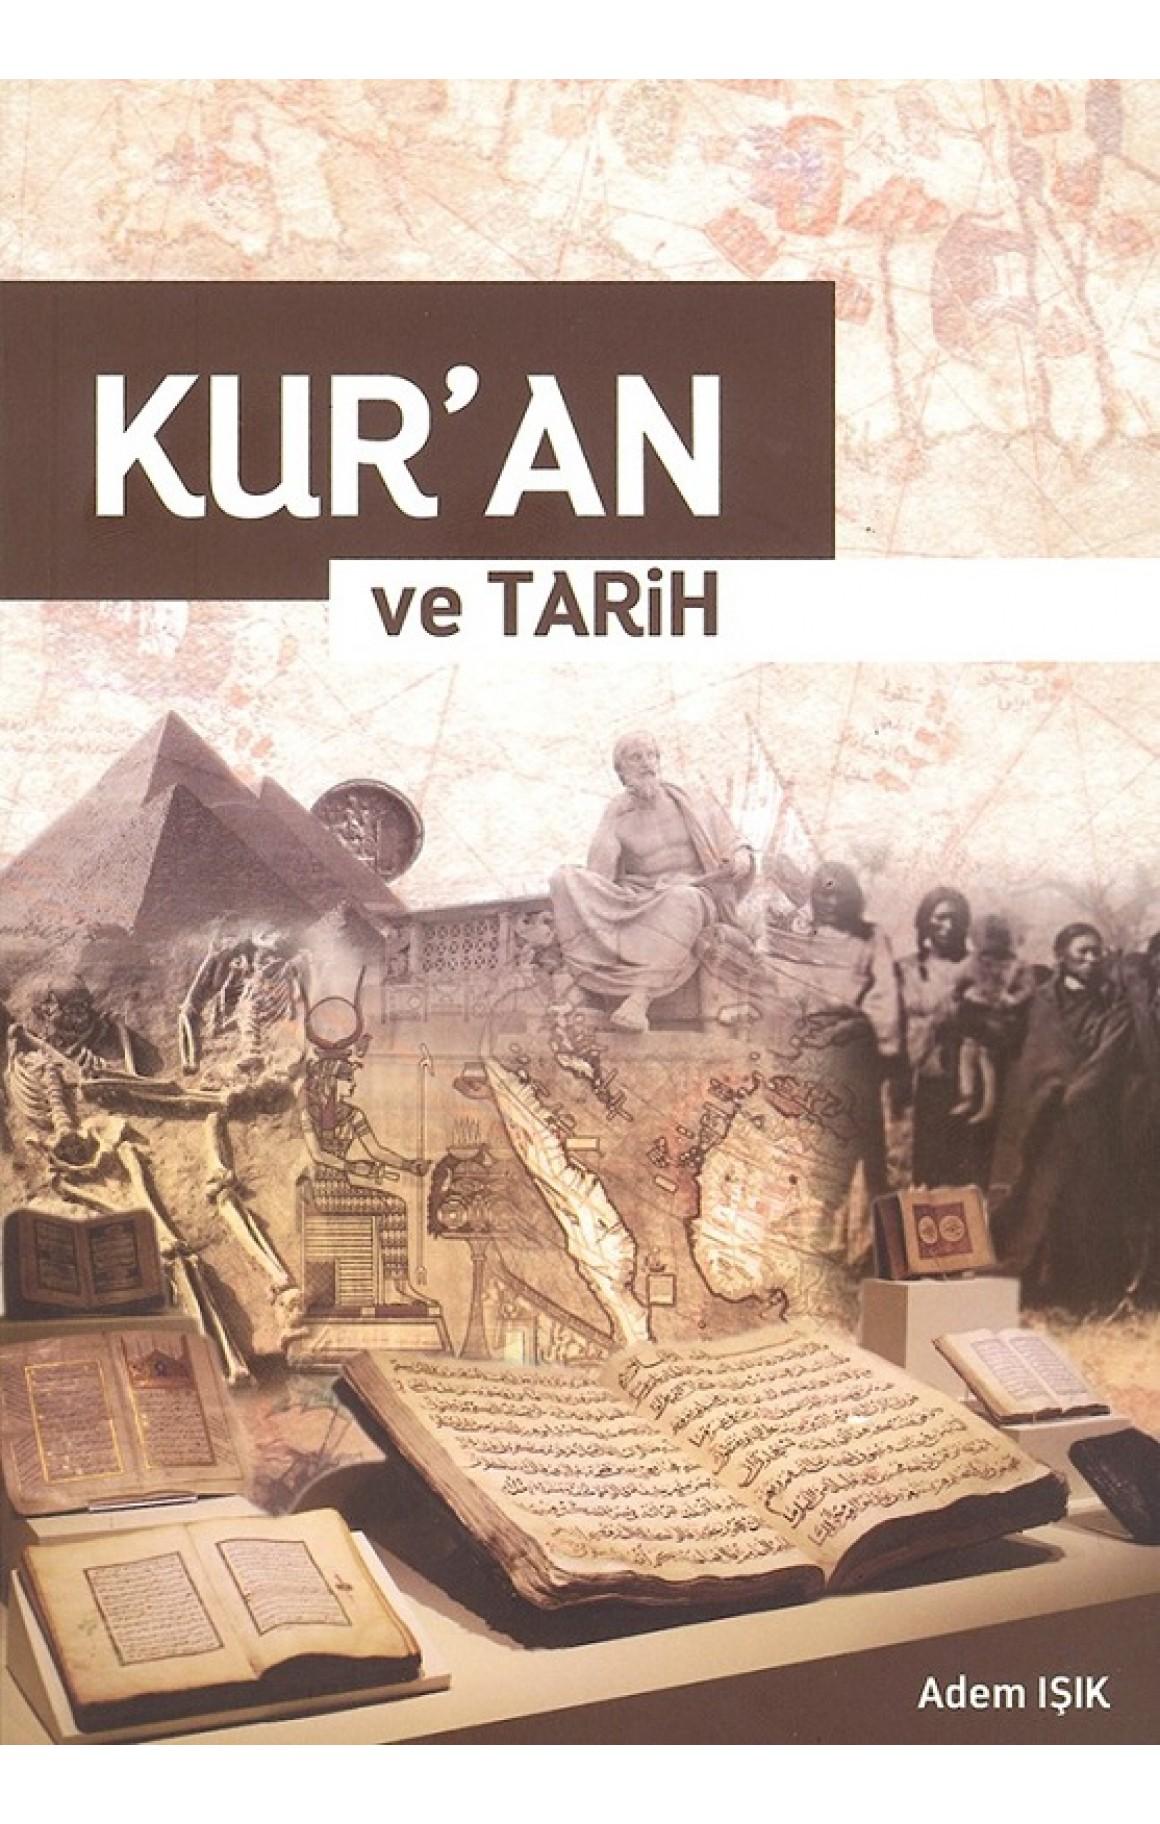 Kuran ve Tarih